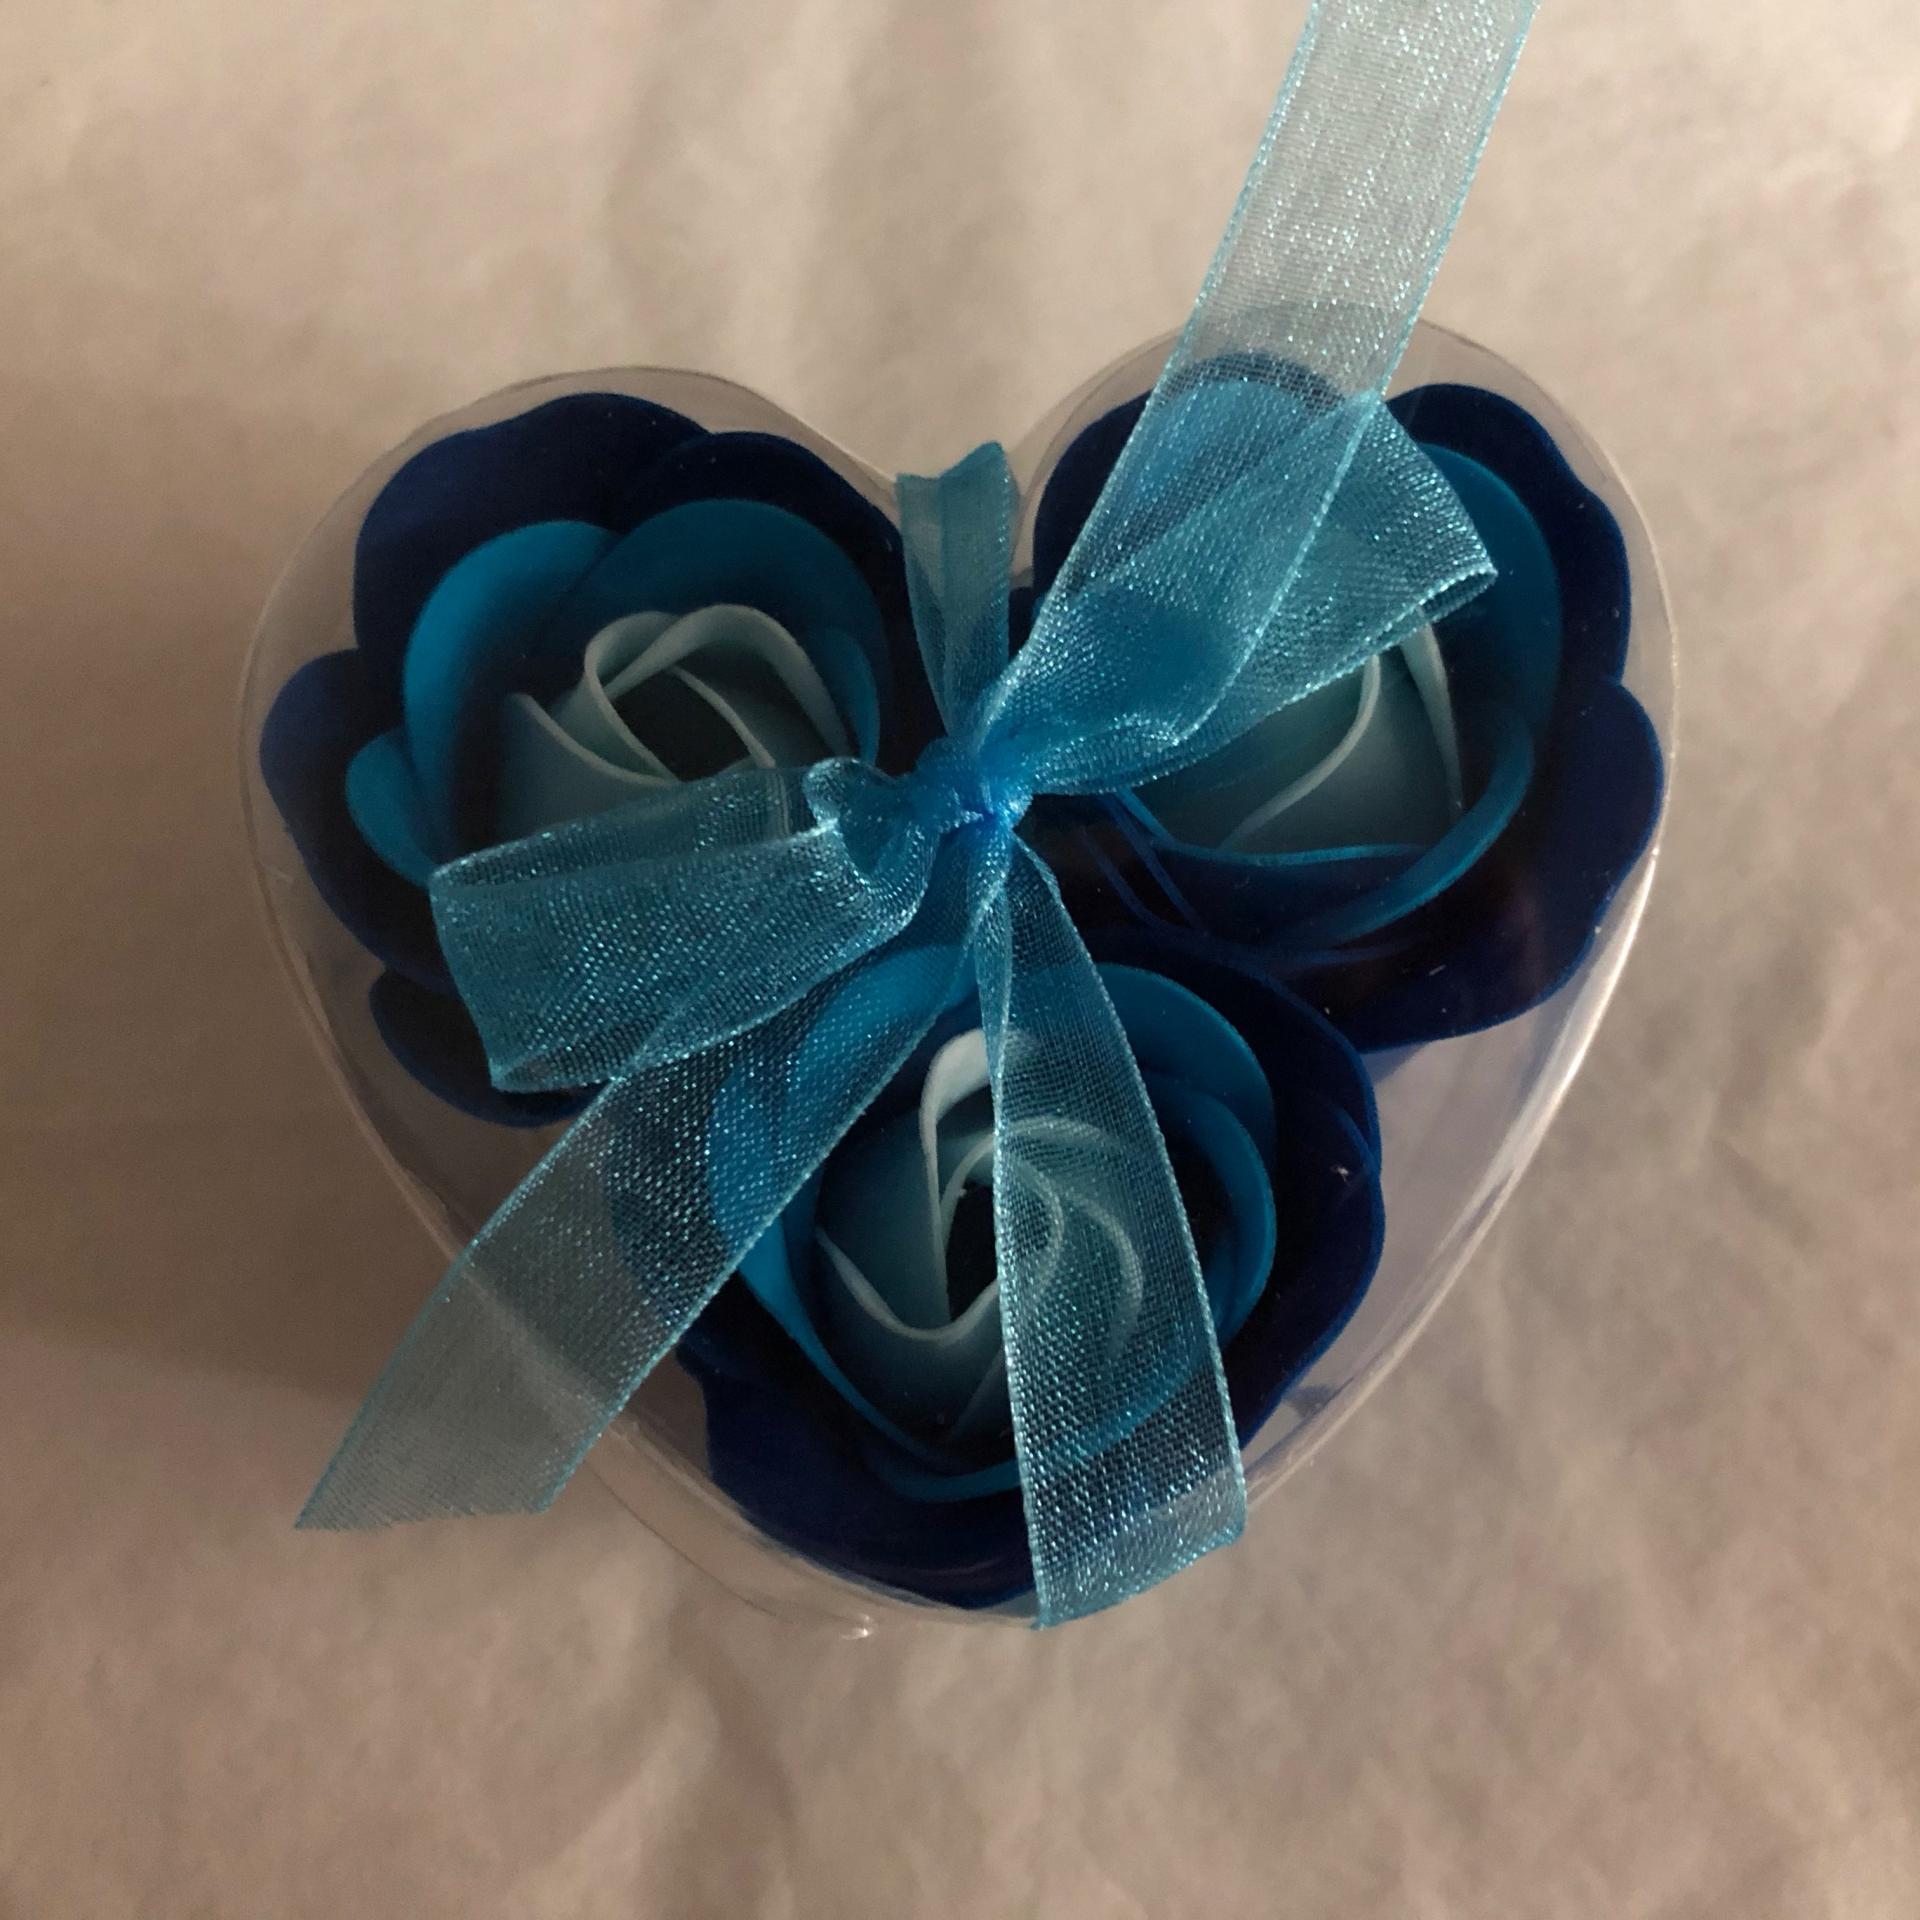 Boutons de rose x3 bleu